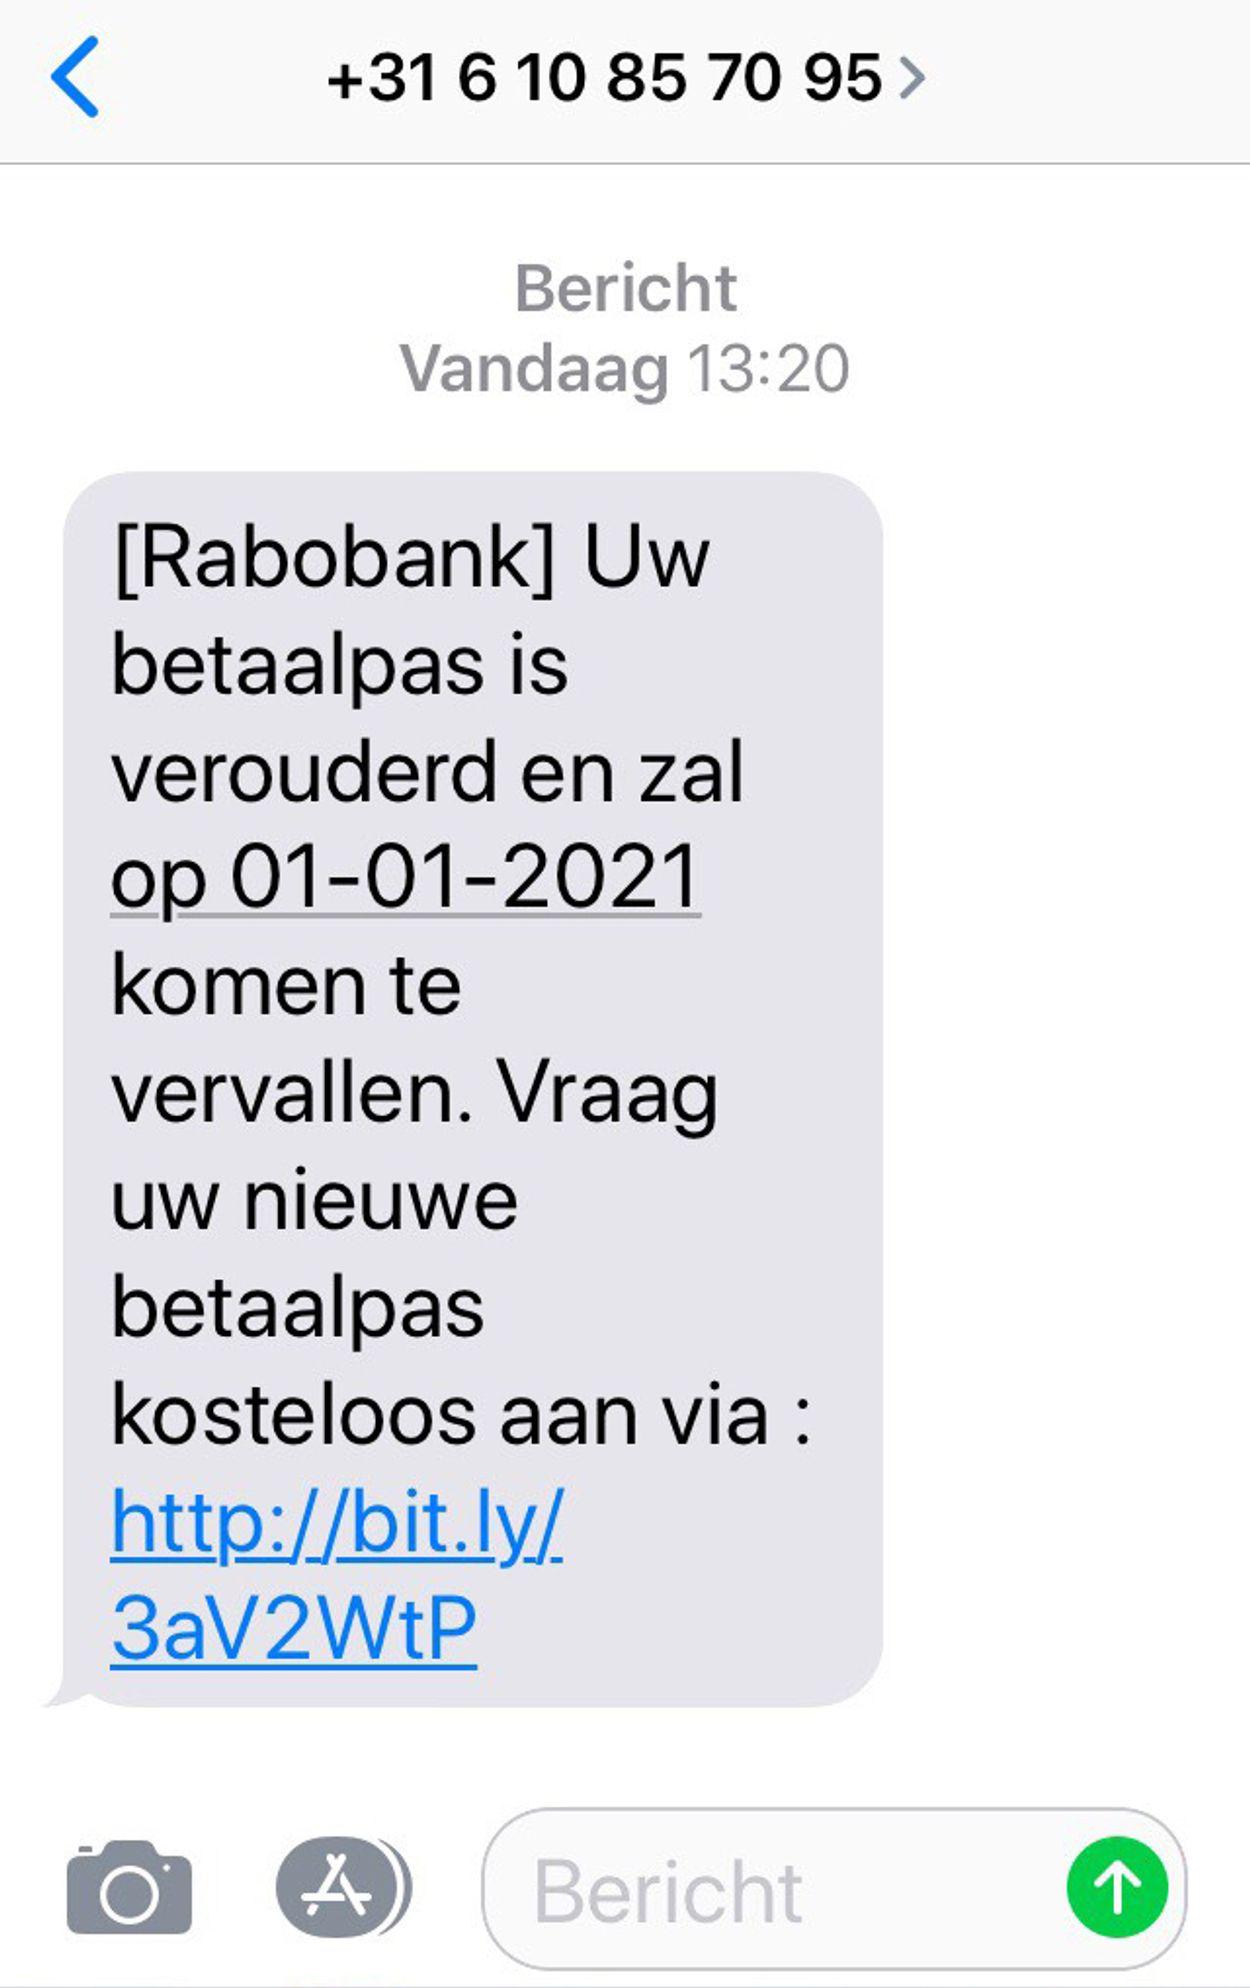 phishingsms rabo december 2020